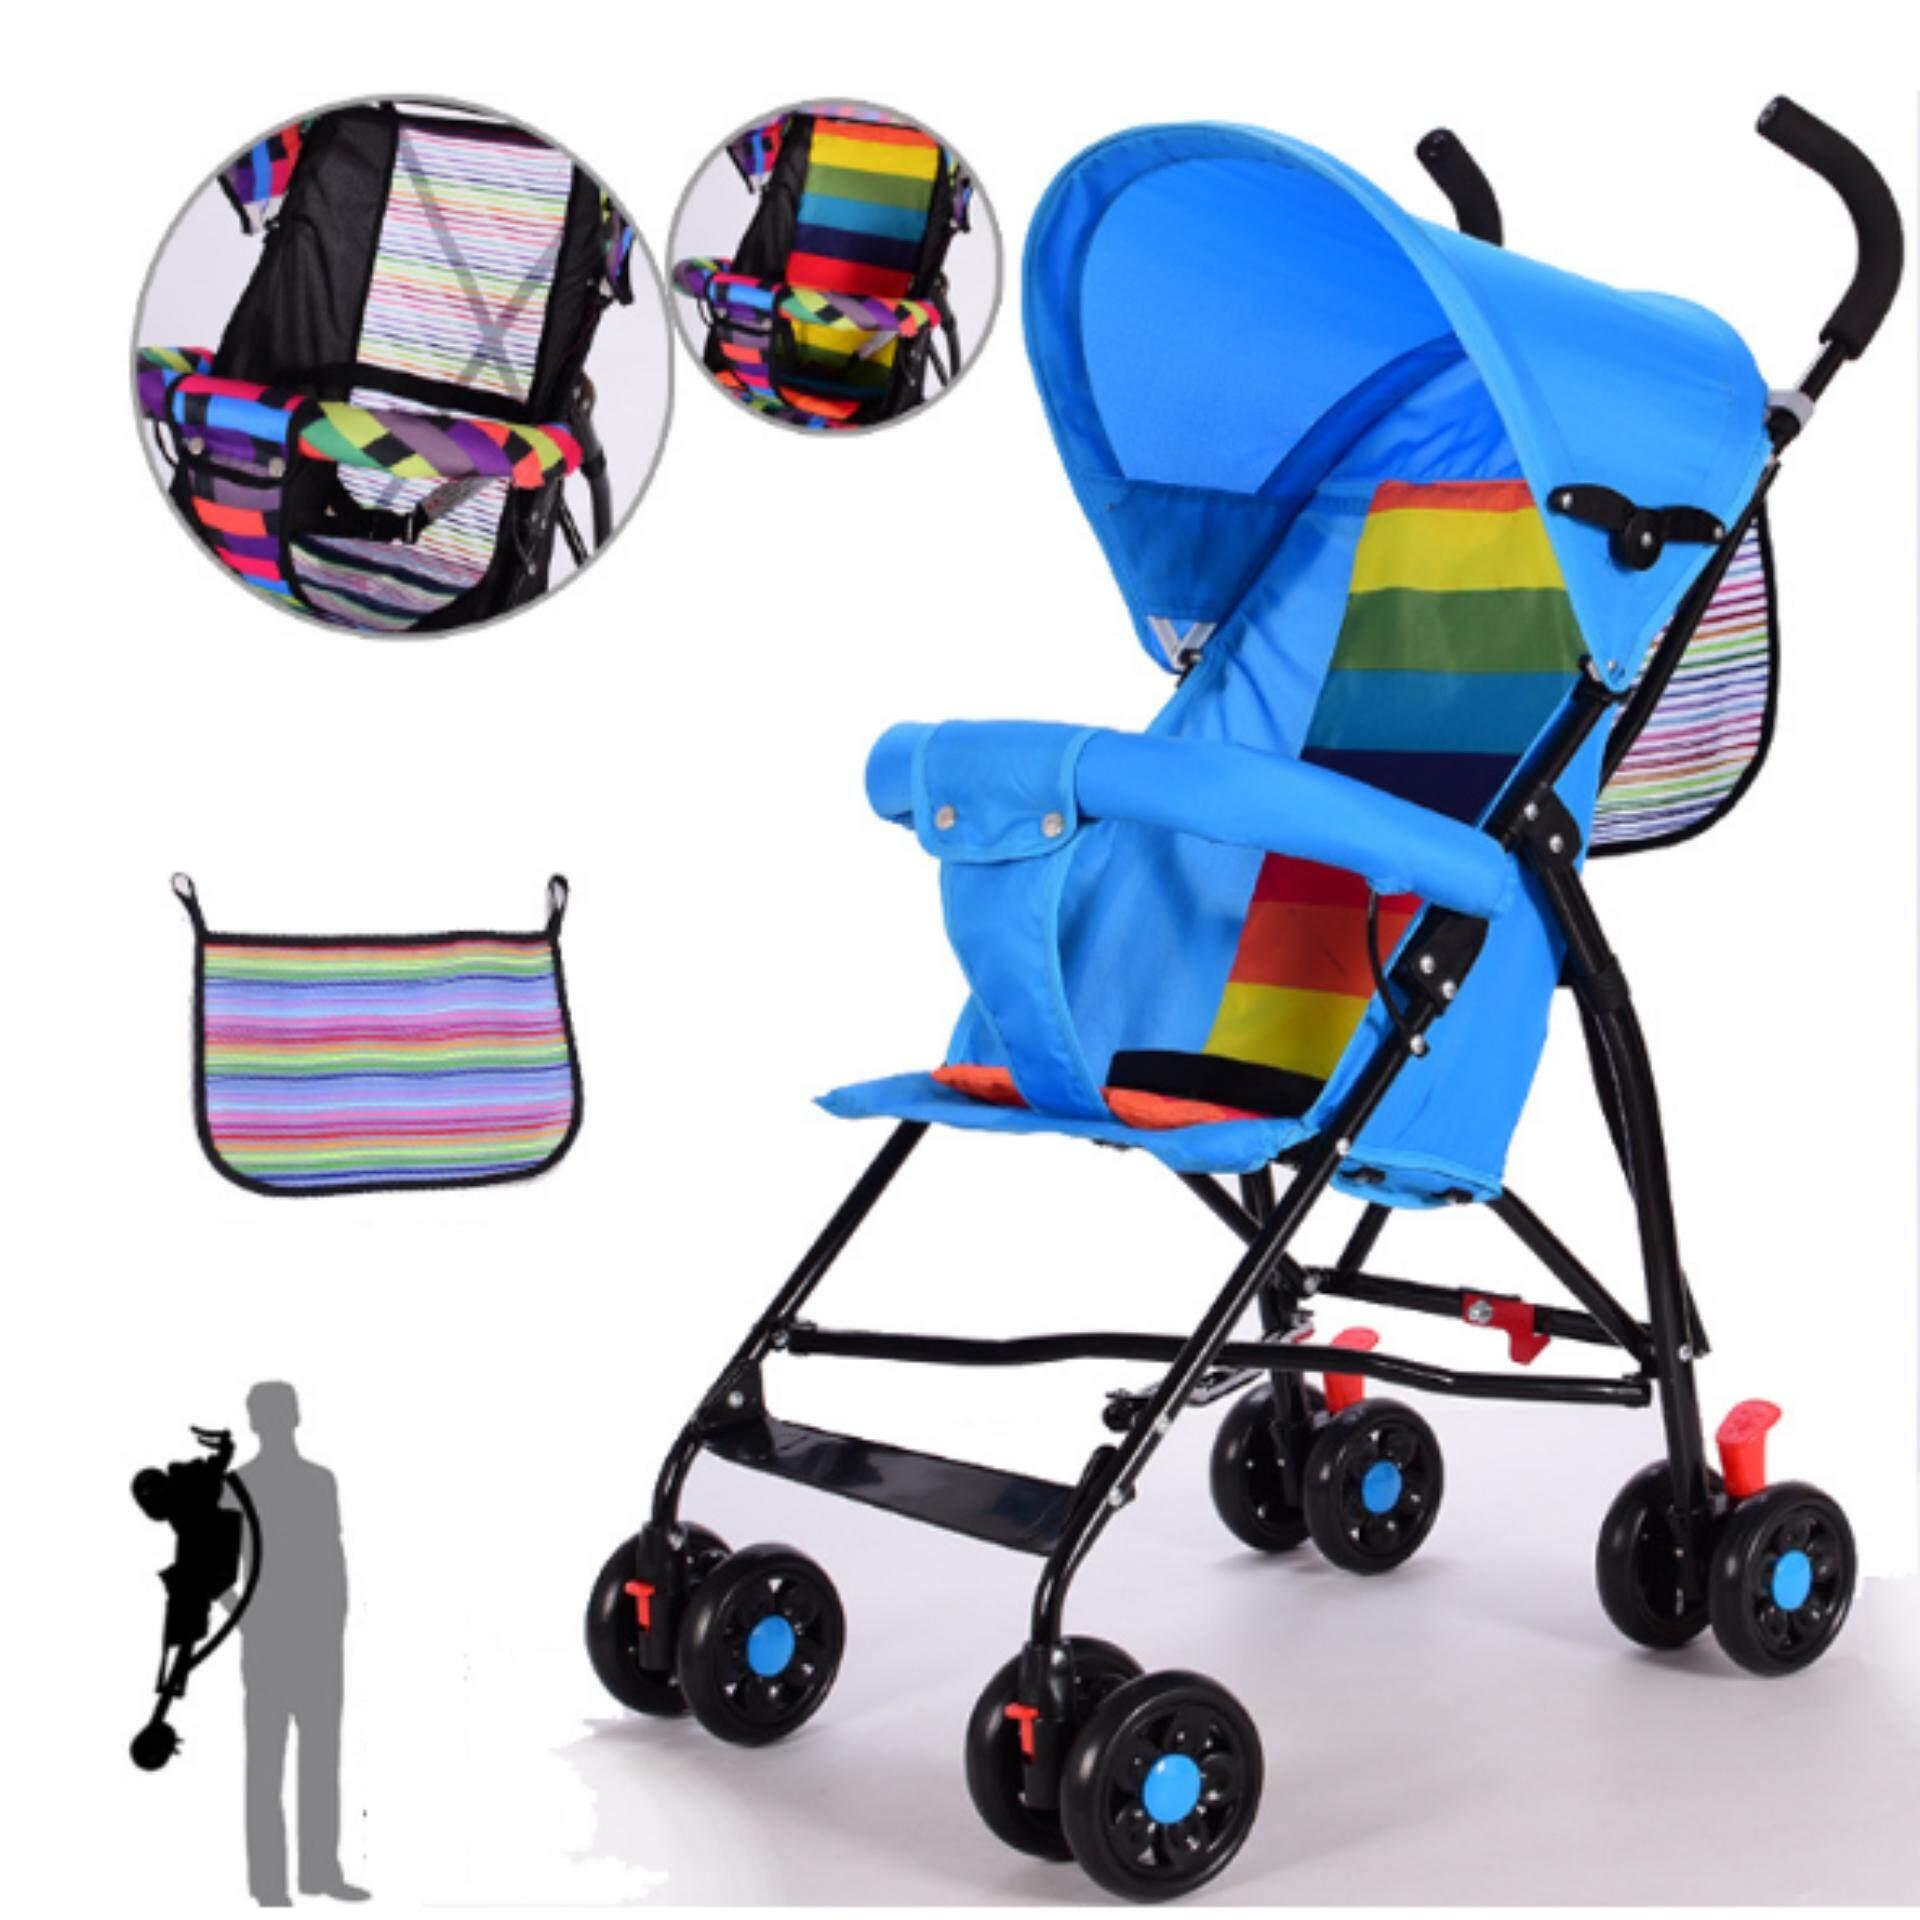 แนะนำ Palight อุปกรณ์เสริมรถเข็นเด็ก PALIGHT รถเข็นเด็กหลบร้อนมุ้งกันยุง ซื้อที่ไหน ? ถูกที่สุด